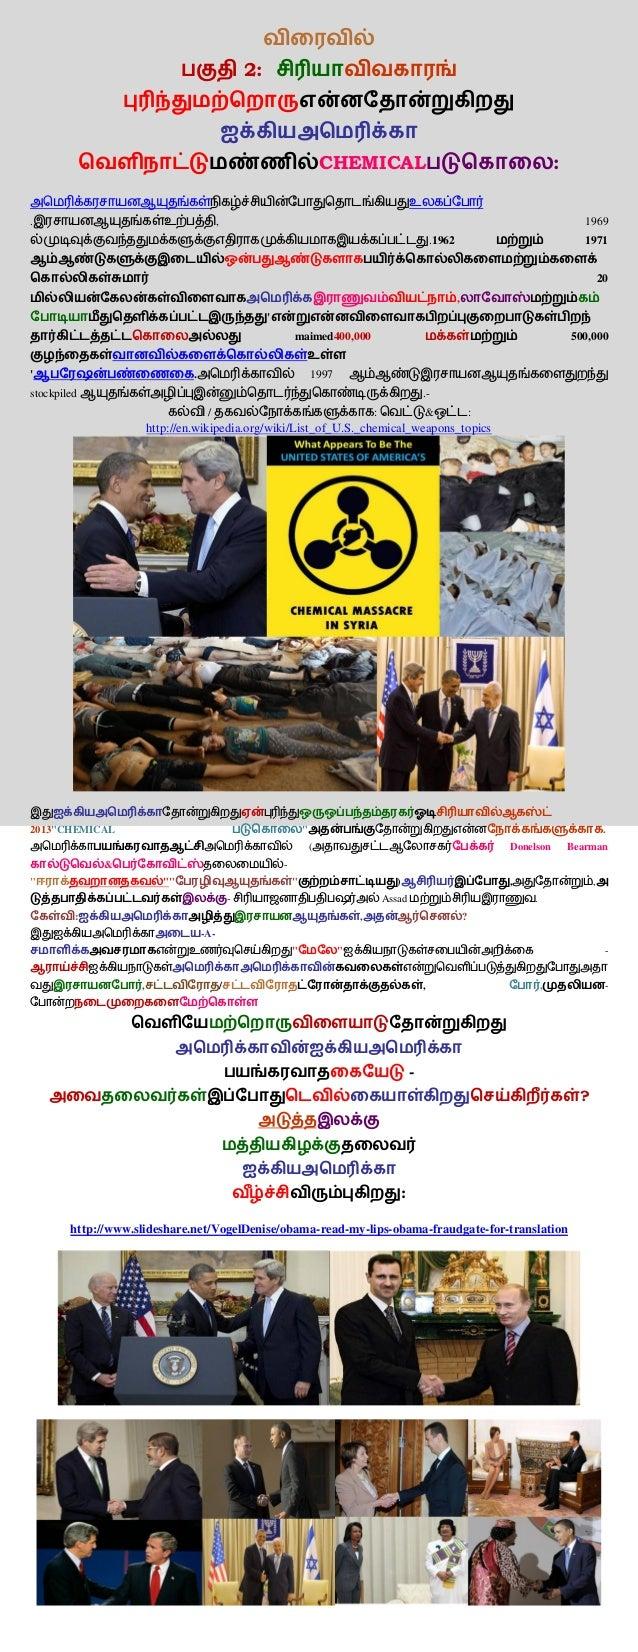 2: CHEMICAL : . , 1969 .1962 1971 20 , ' maimed400,000 500,000 ' . 1997 stockpiled .- / : & : http://en.wikipedia.org/wiki...